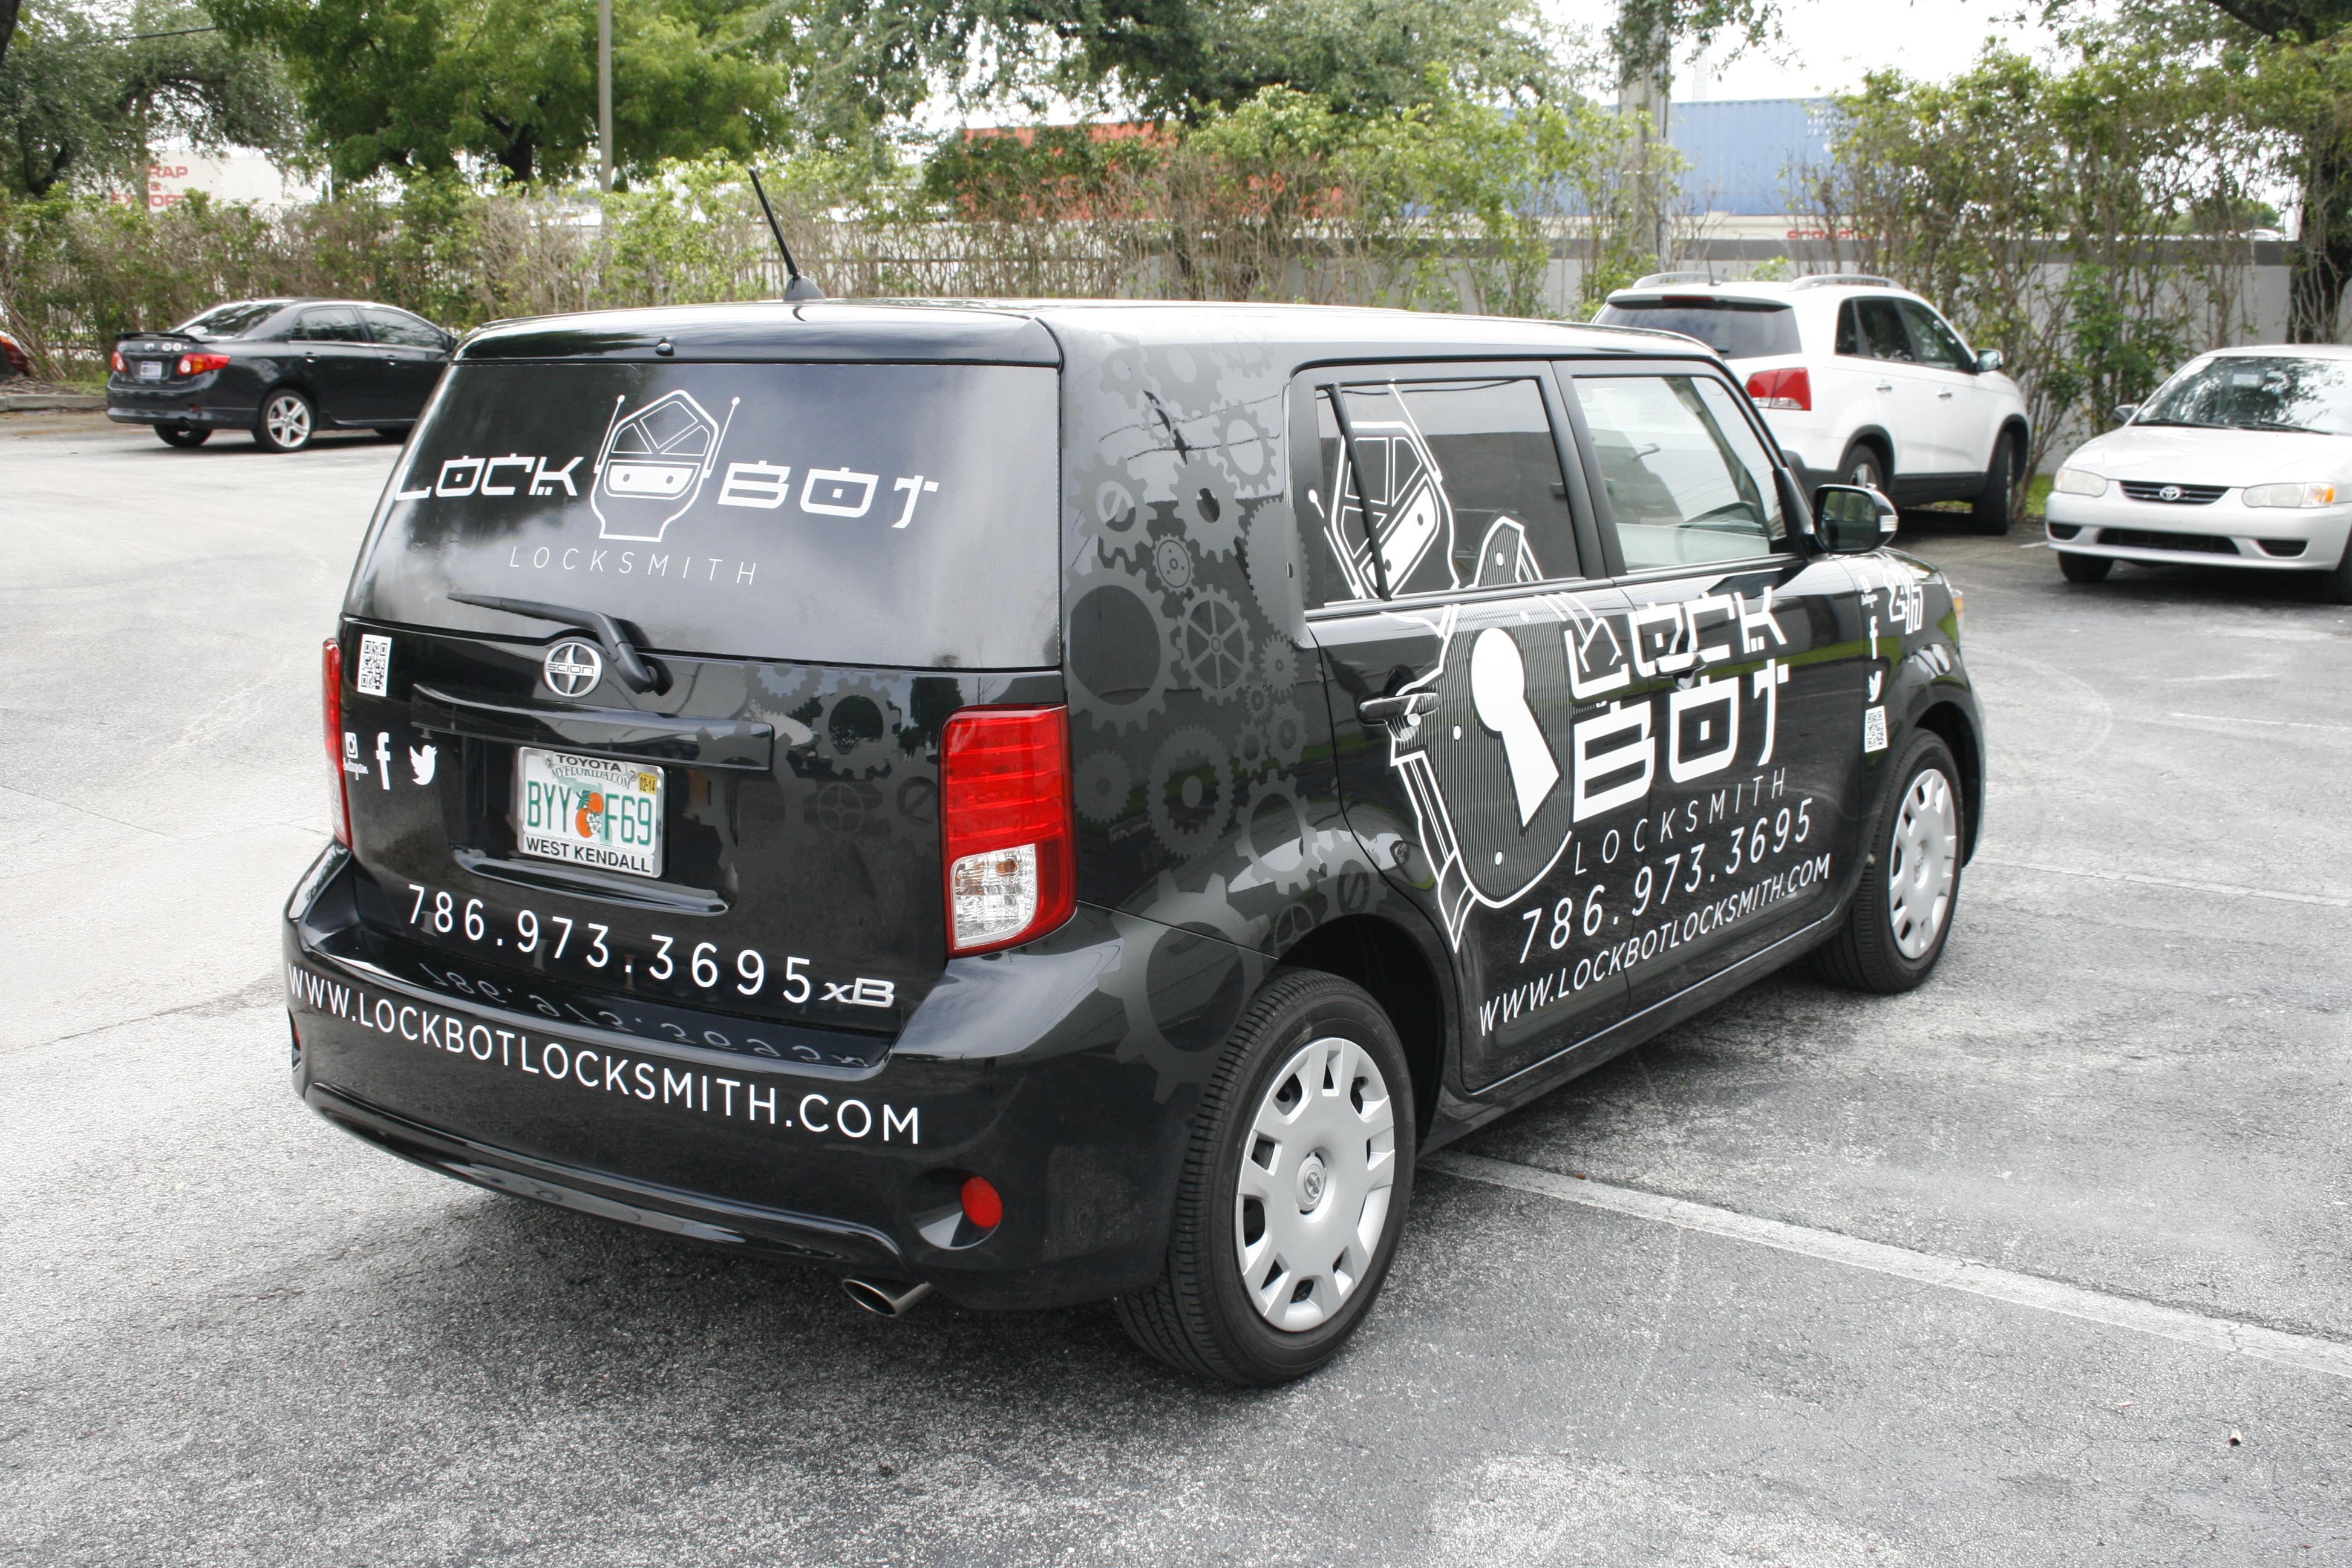 Locksmith Car Wrap Graphics Miami Florida Lockbot Locksmith